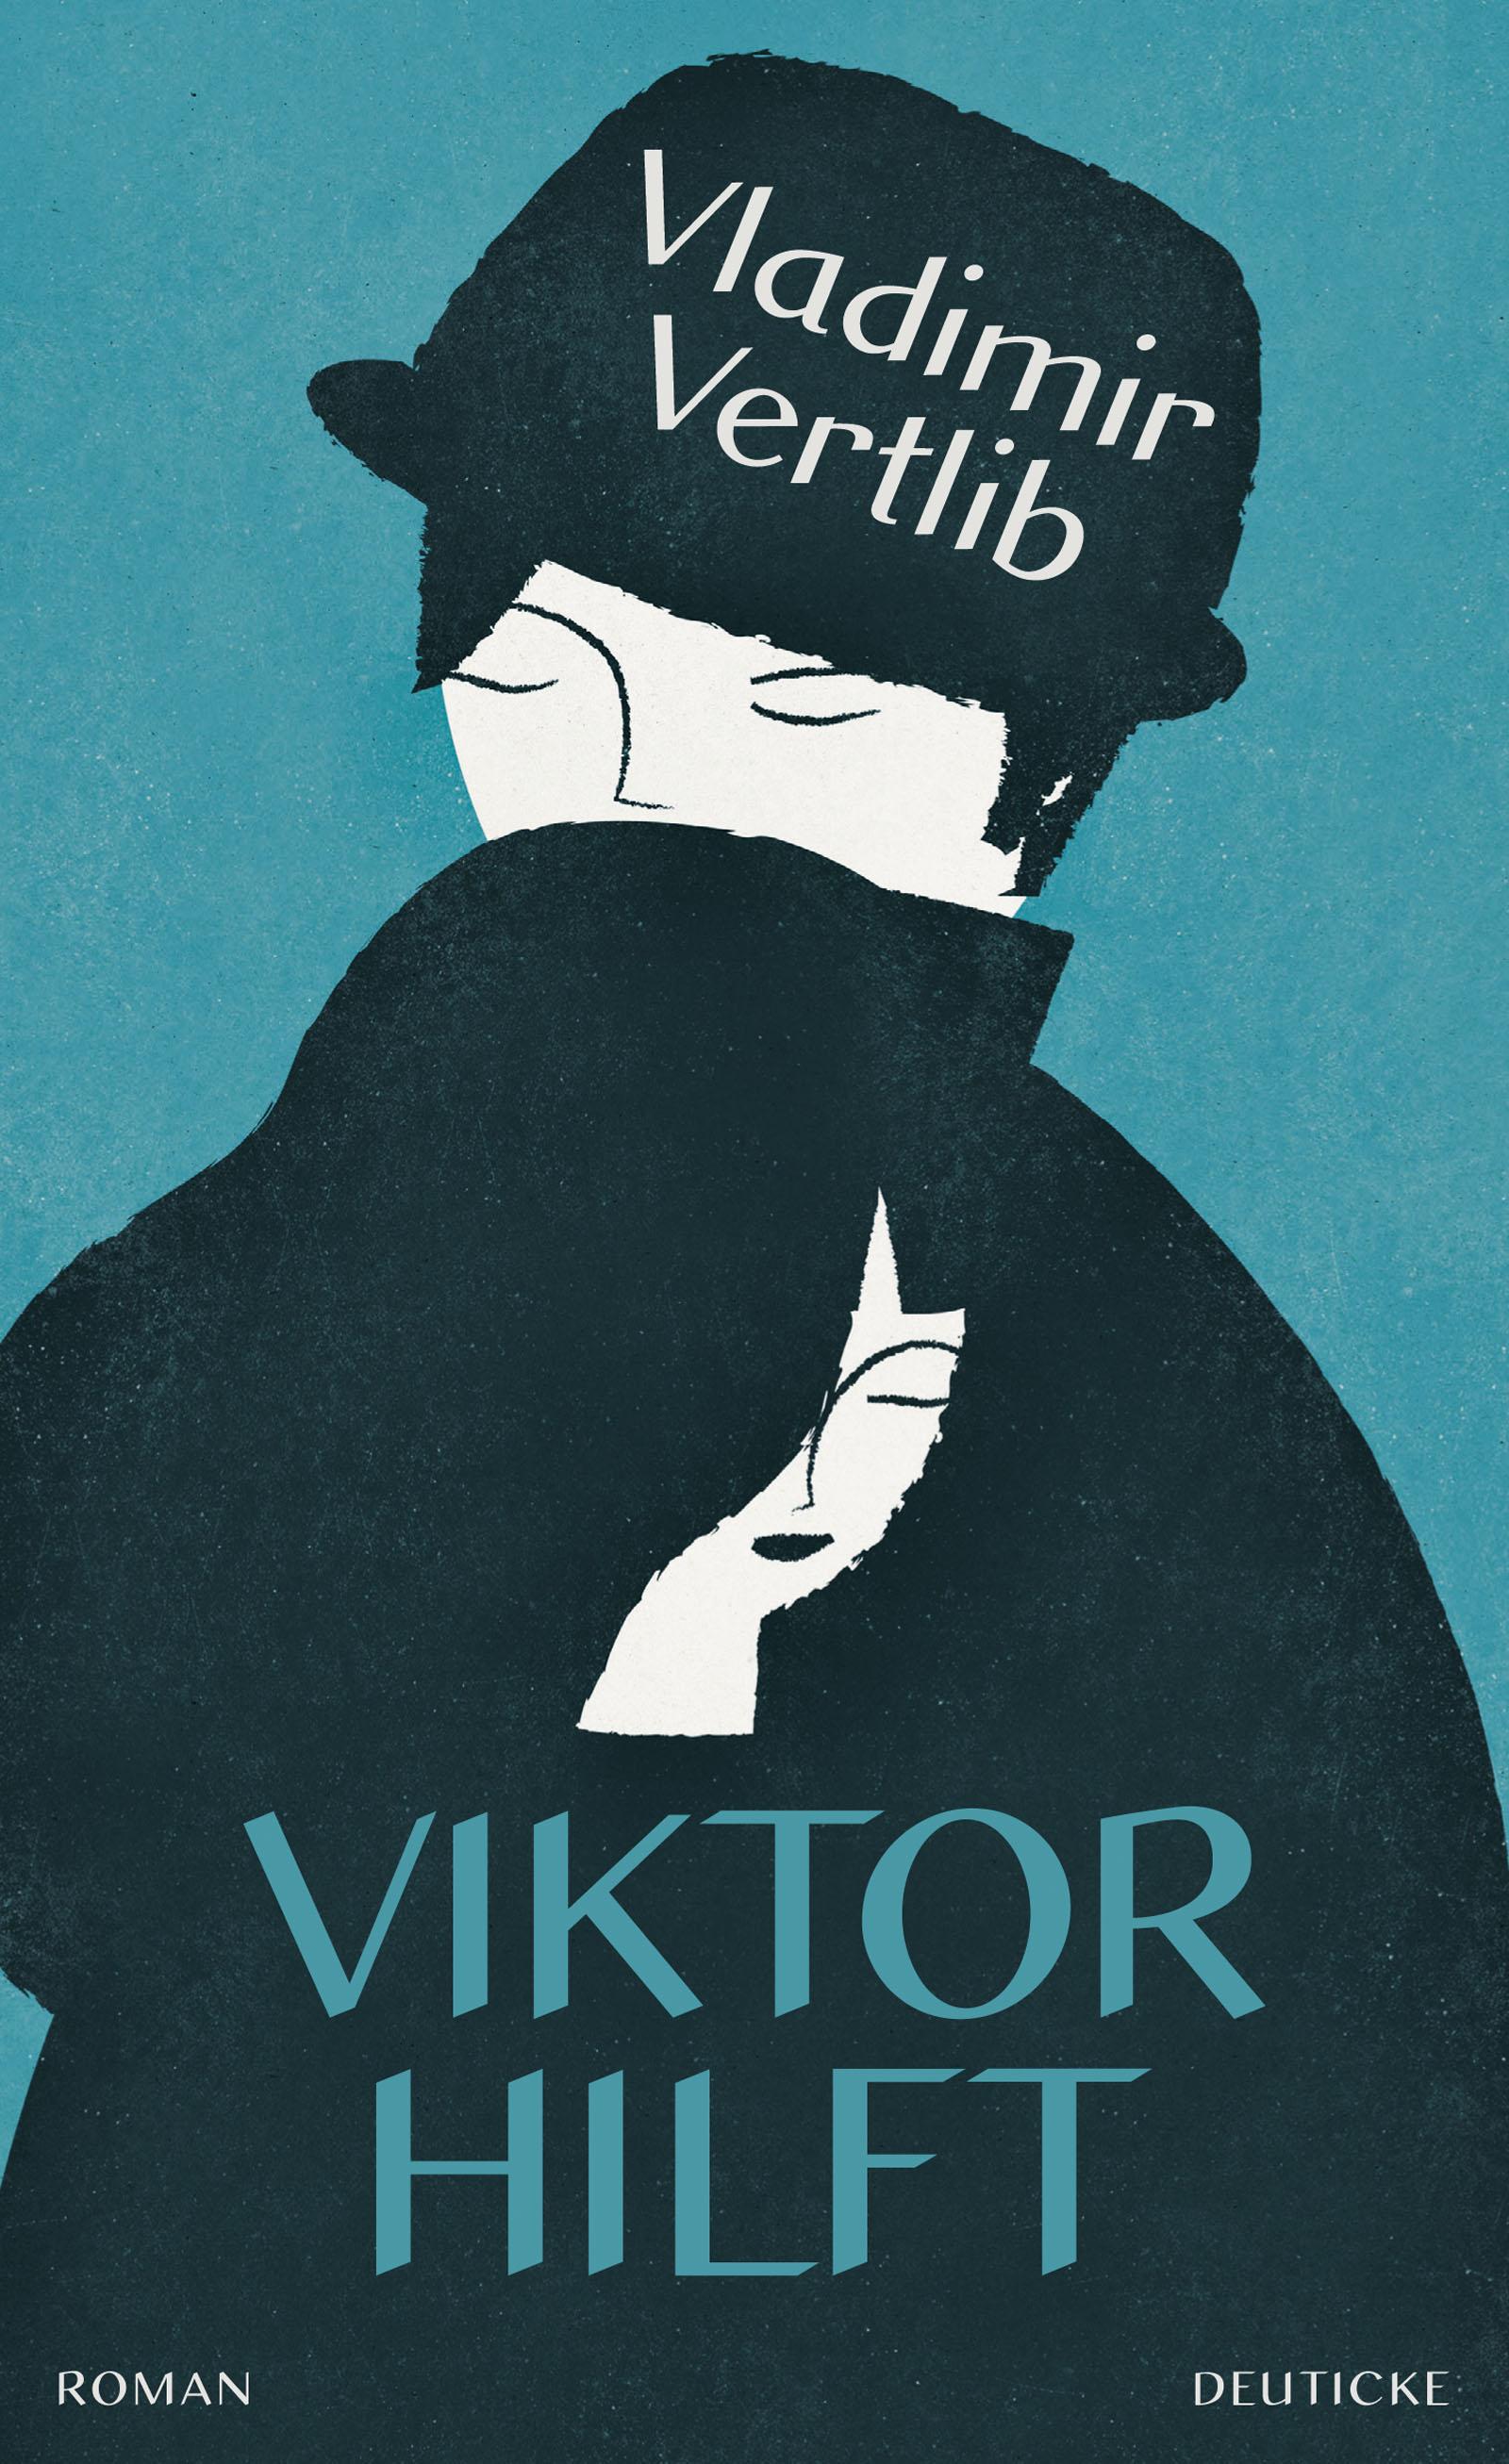 https://www.hanser-literaturverlage.de/buch/viktor-hilft/978-3-552-06383-9/